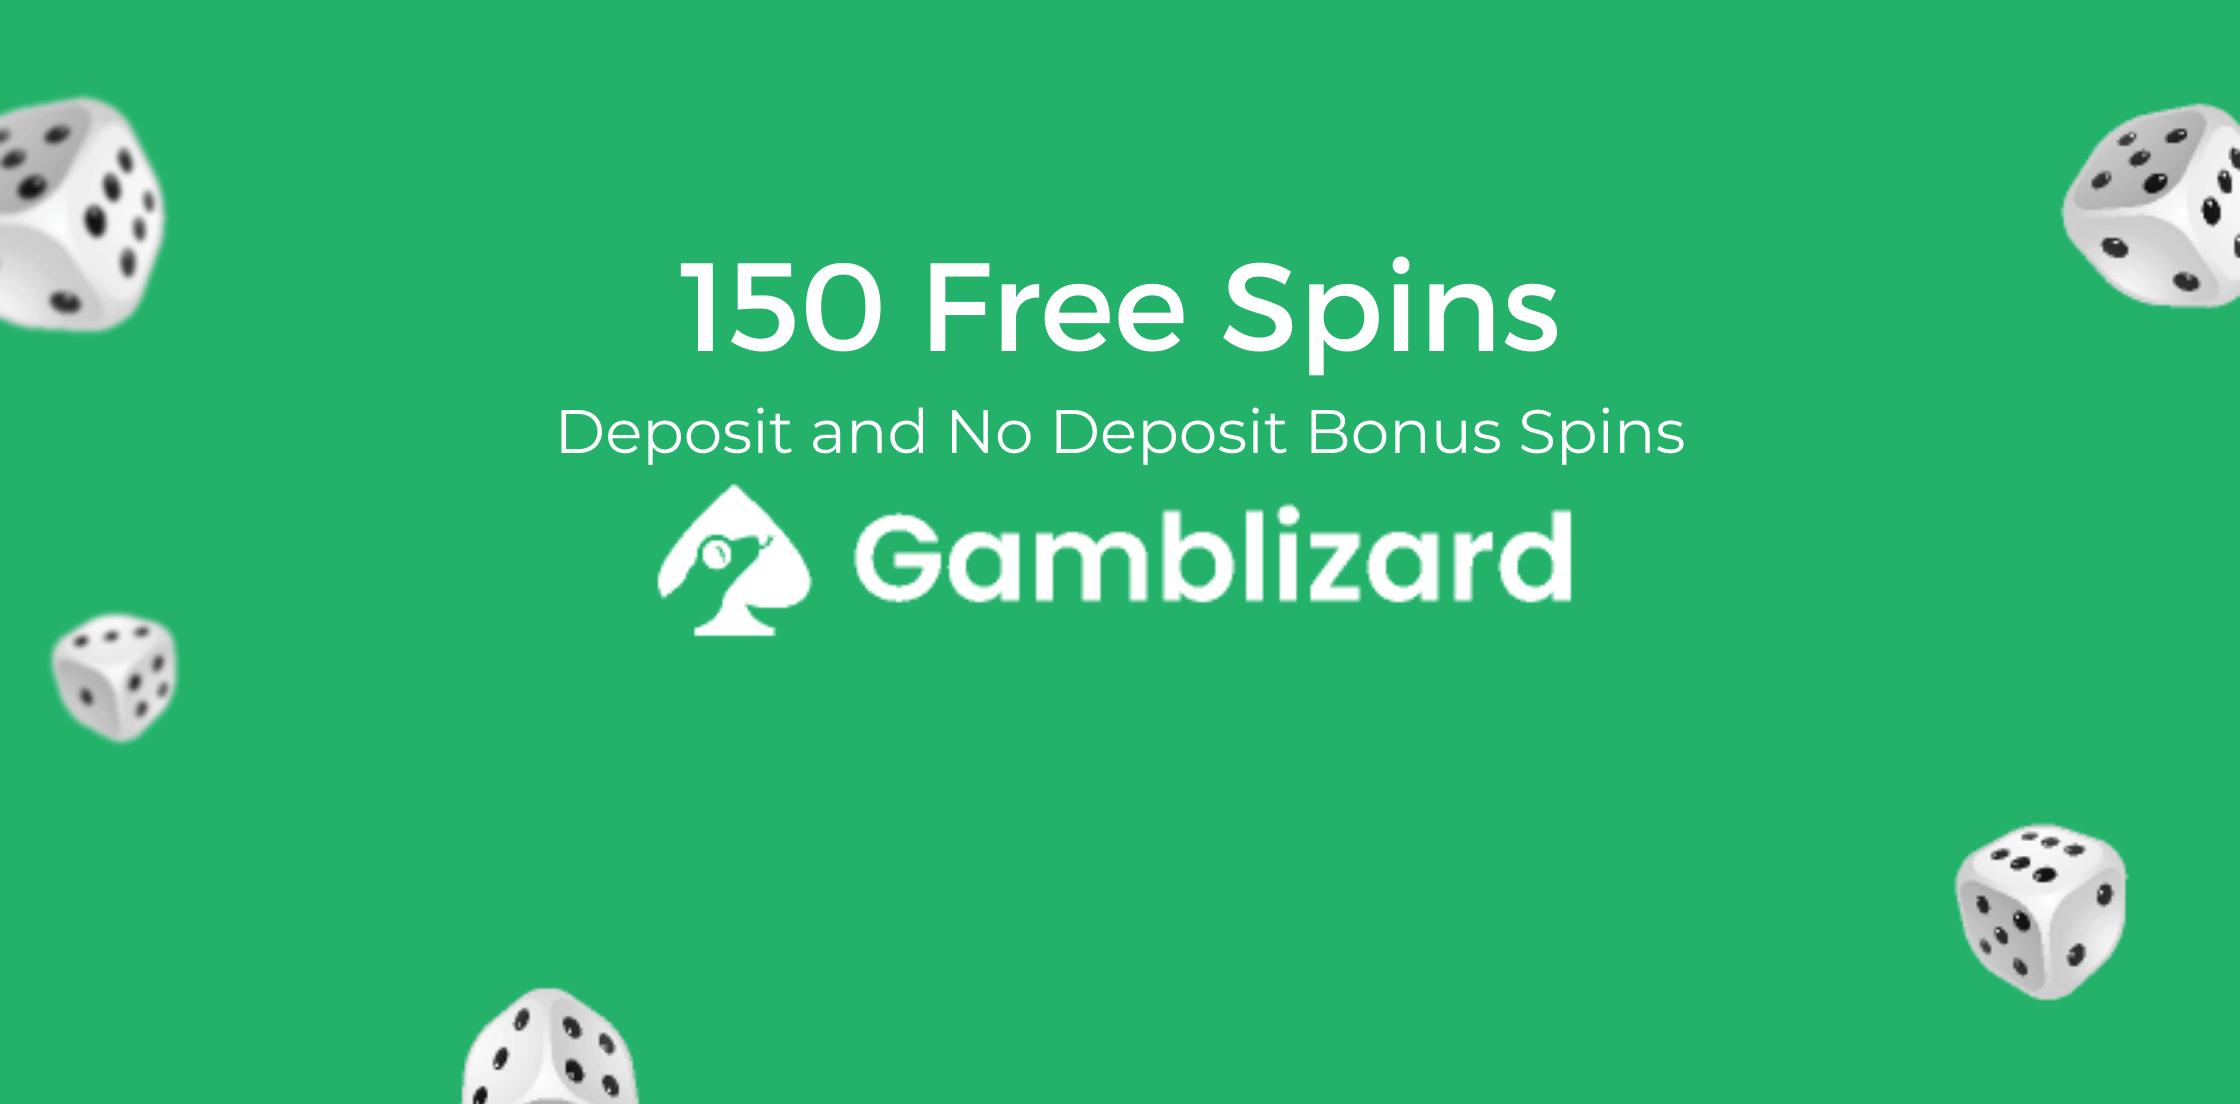 150 Free Spins Bonuses